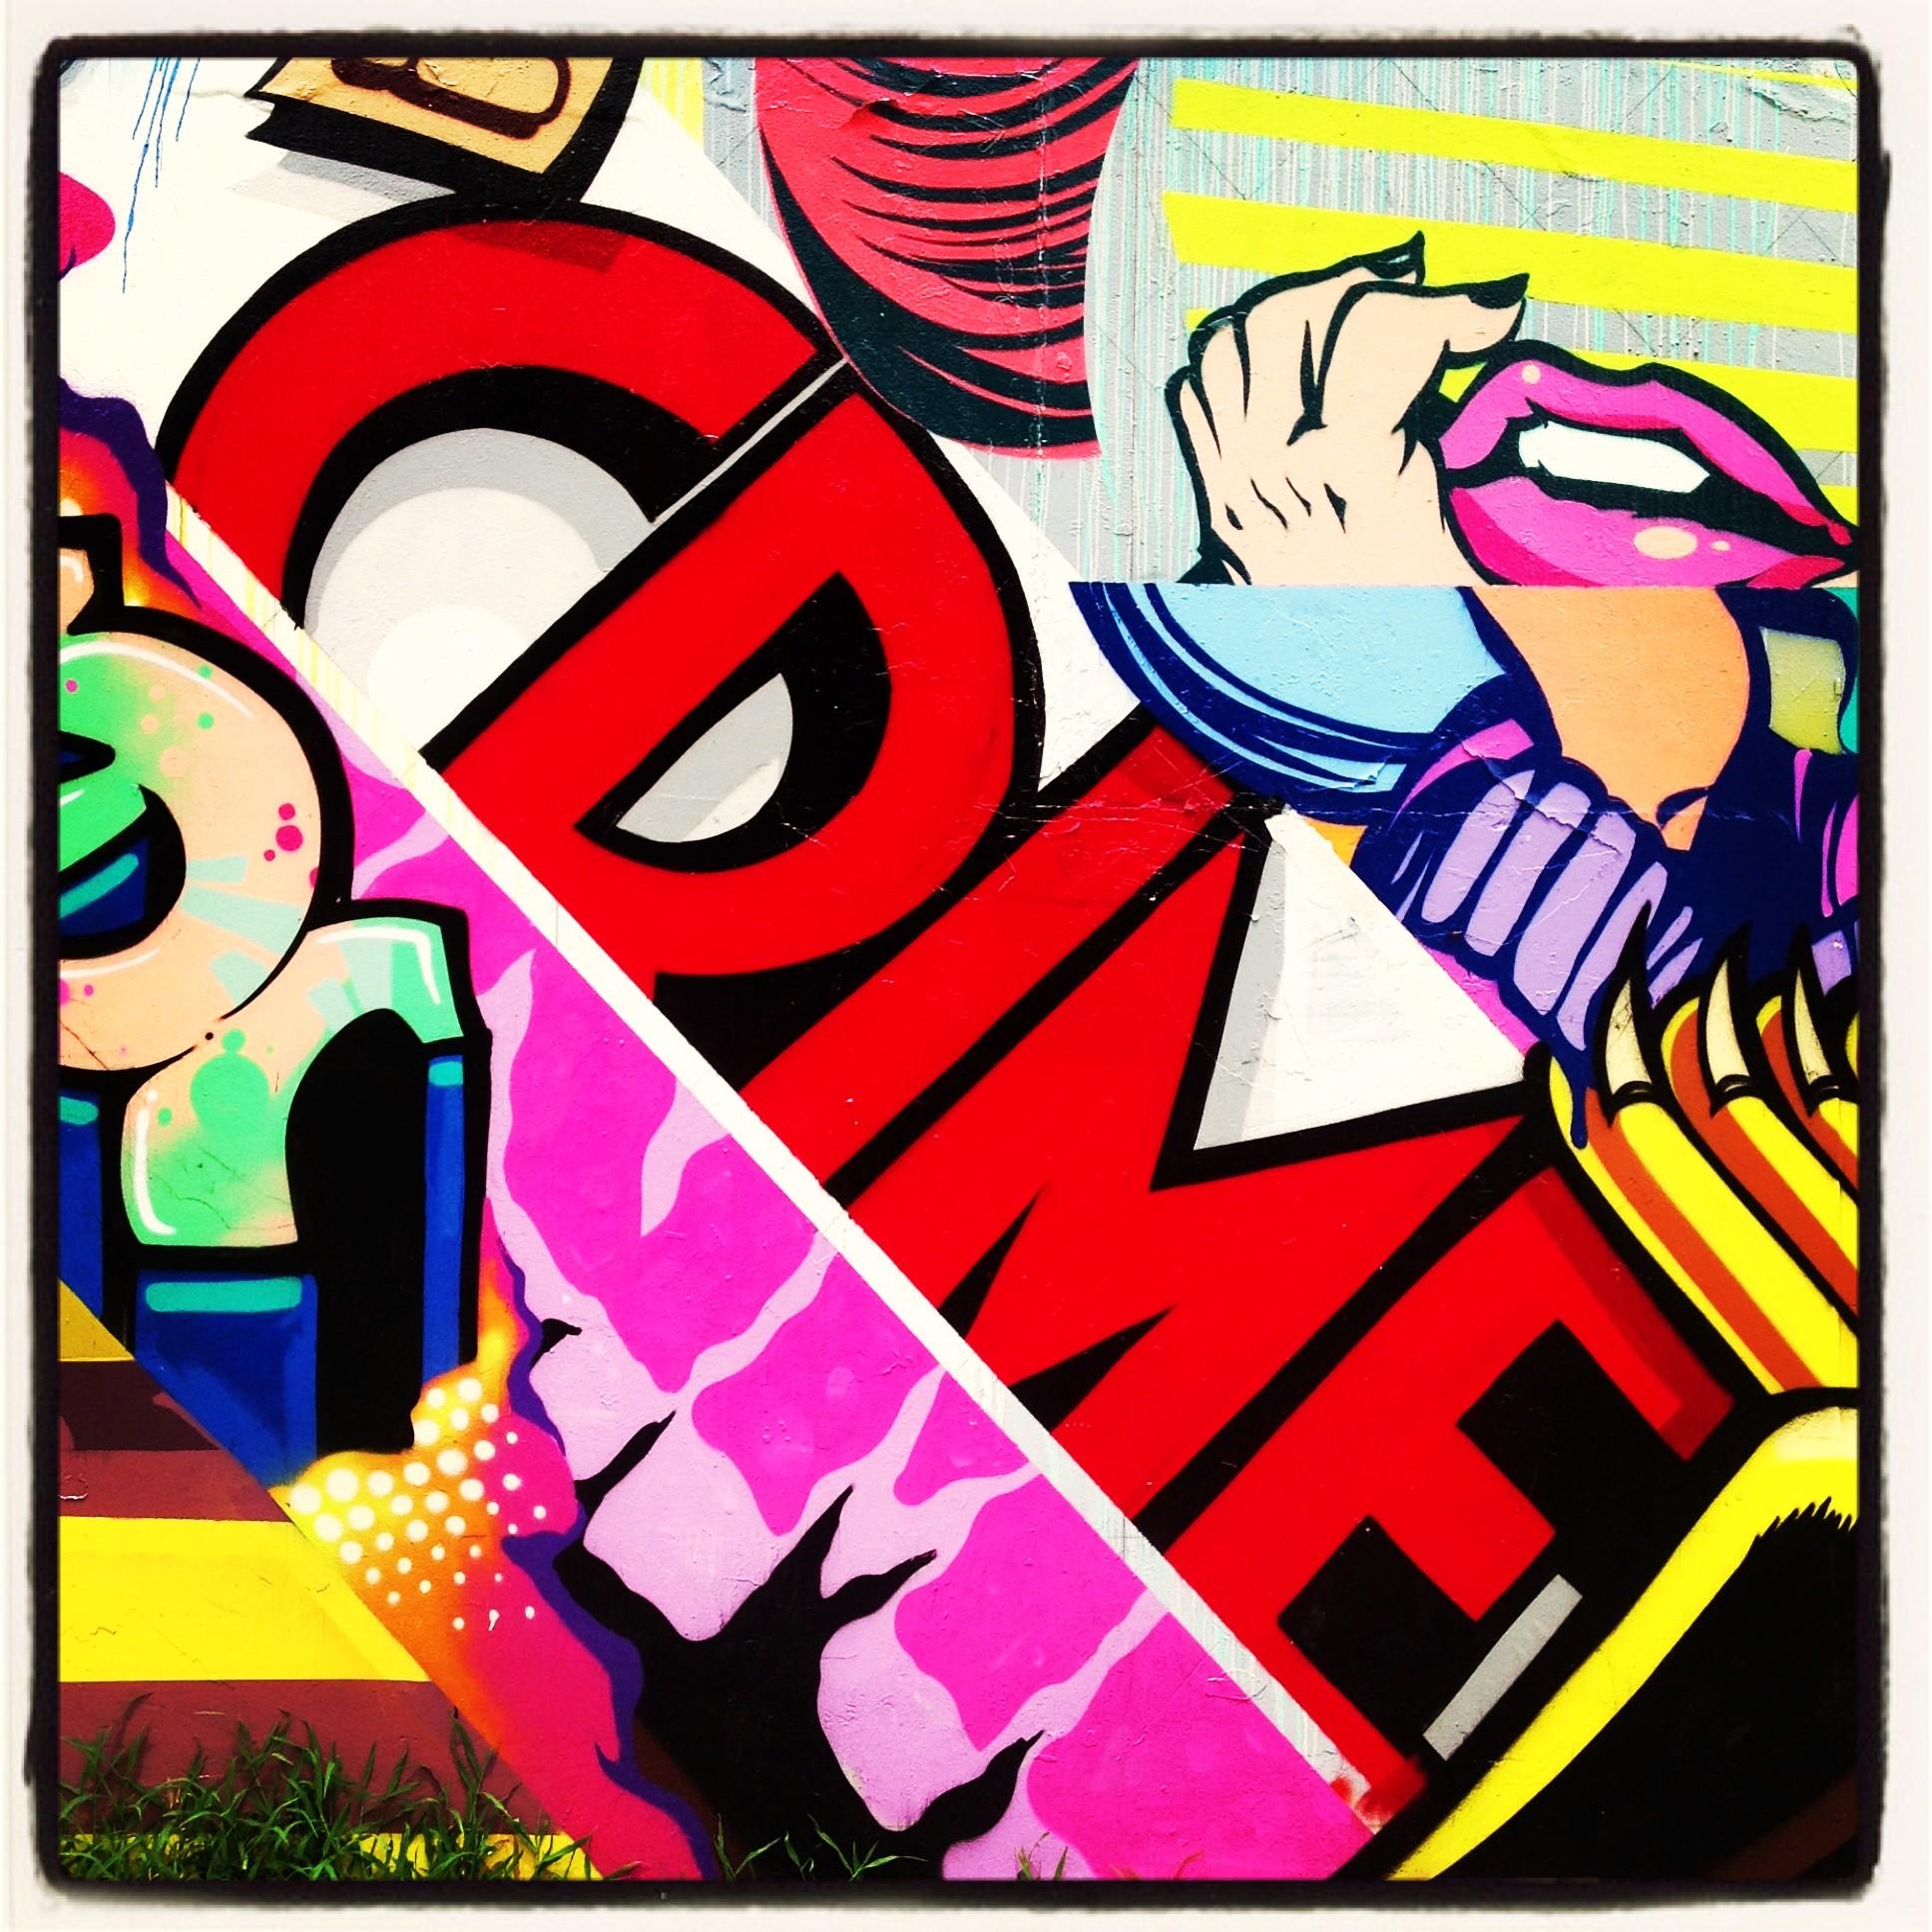 East village street art memorial comic book mural by for Comic book mural